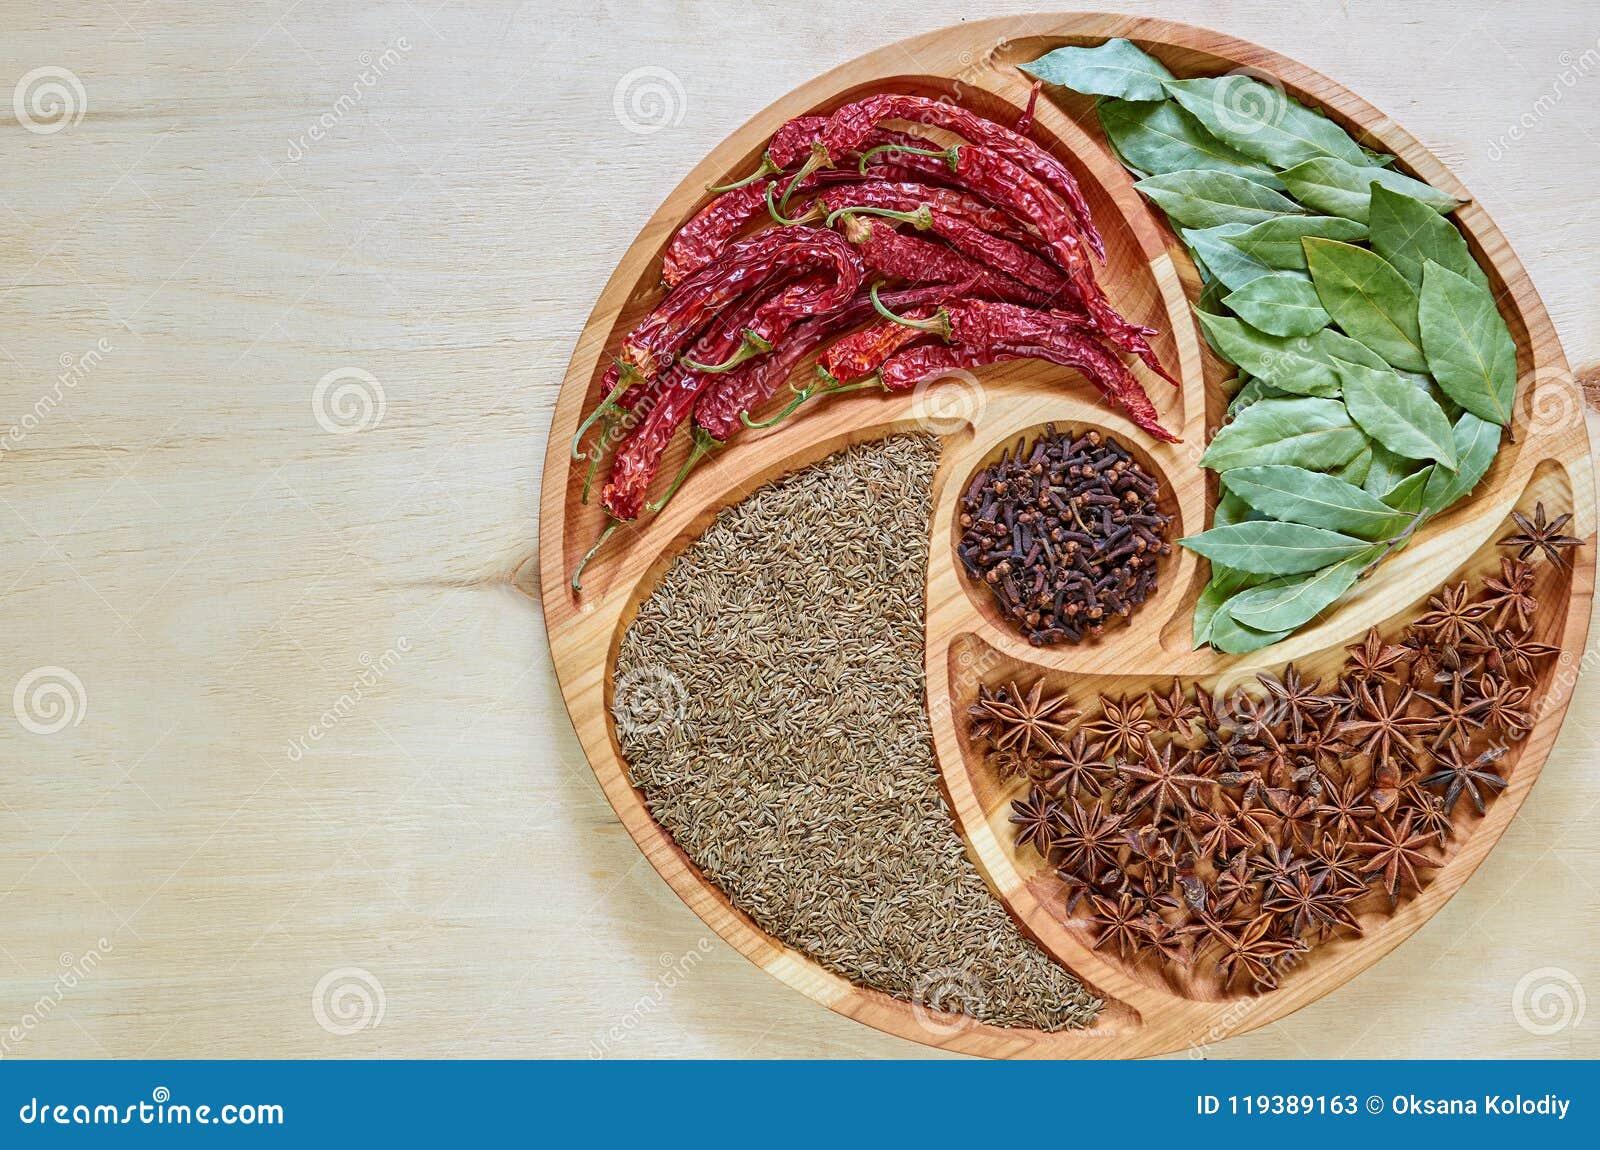 Mischung von heißen Gewürzen auf der hölzernen Platte: Sternanis, Lorbeerblätter, Paprika, getrocknete Nelken und nahes hohes des